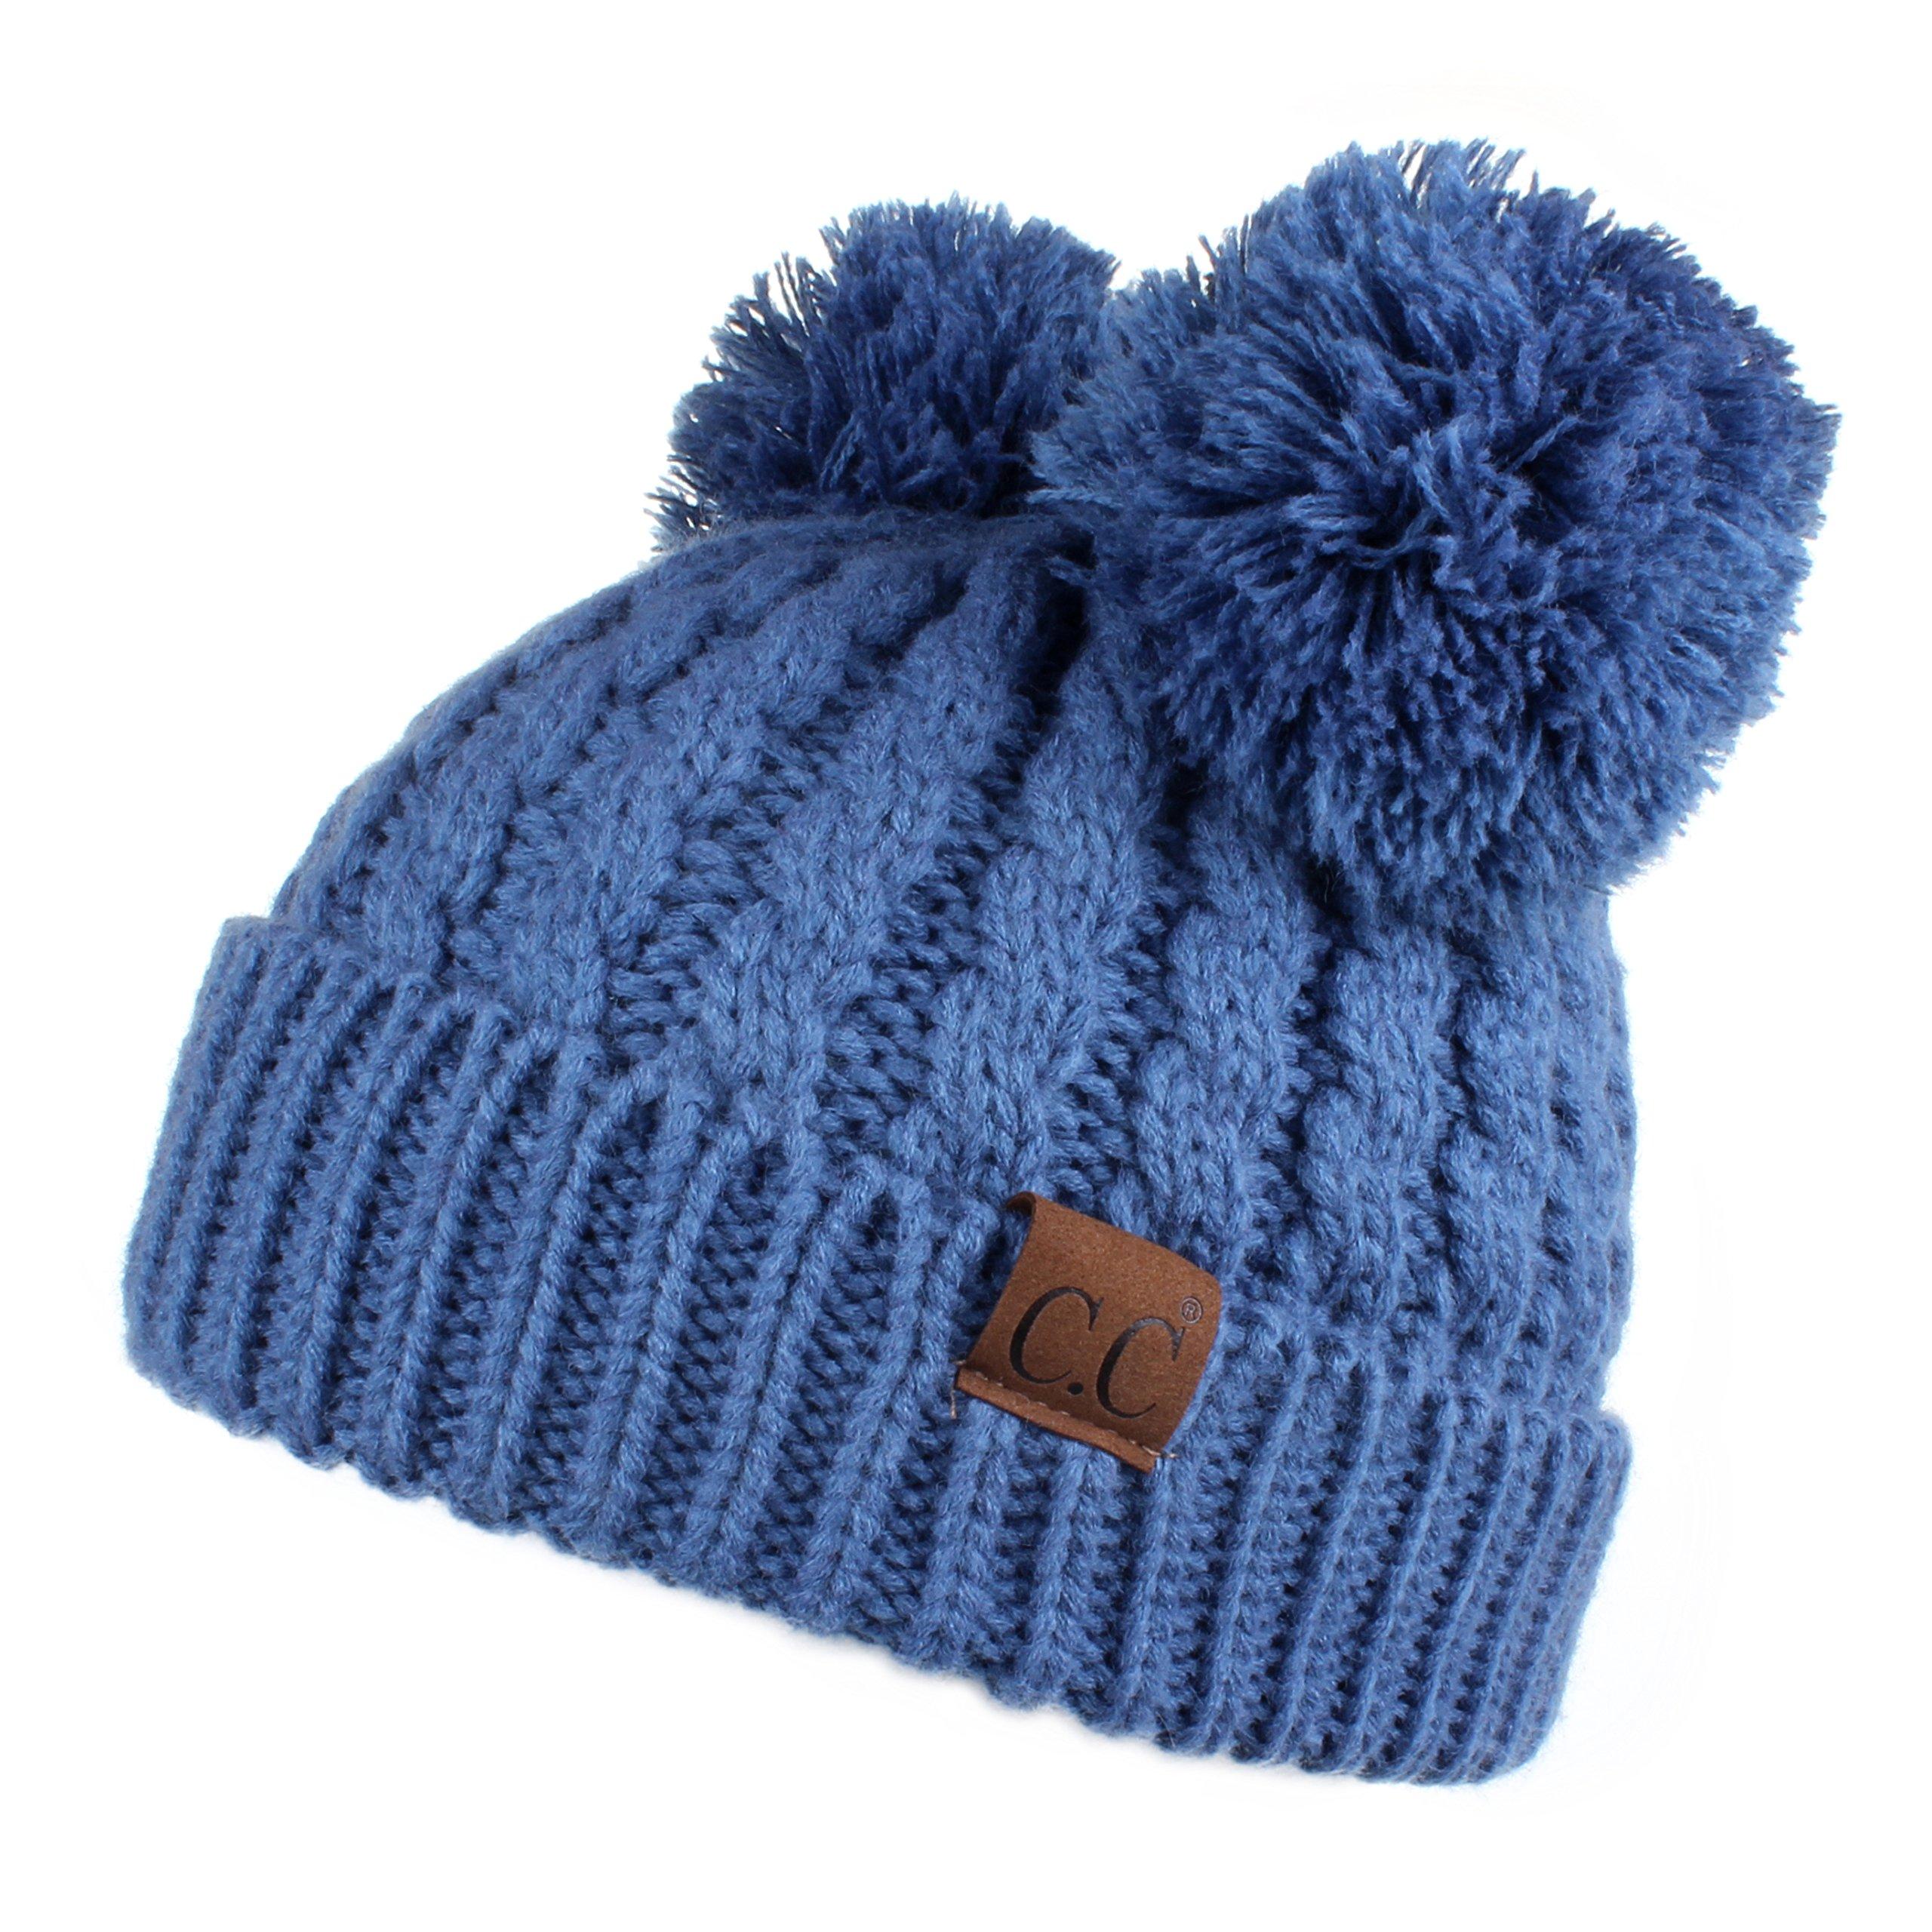 39129d92cc9bd Hatsandscarf CC Exclusives Cable Knit Double Pom Winter Beanie(HAT-60) (Dk.  Denim)